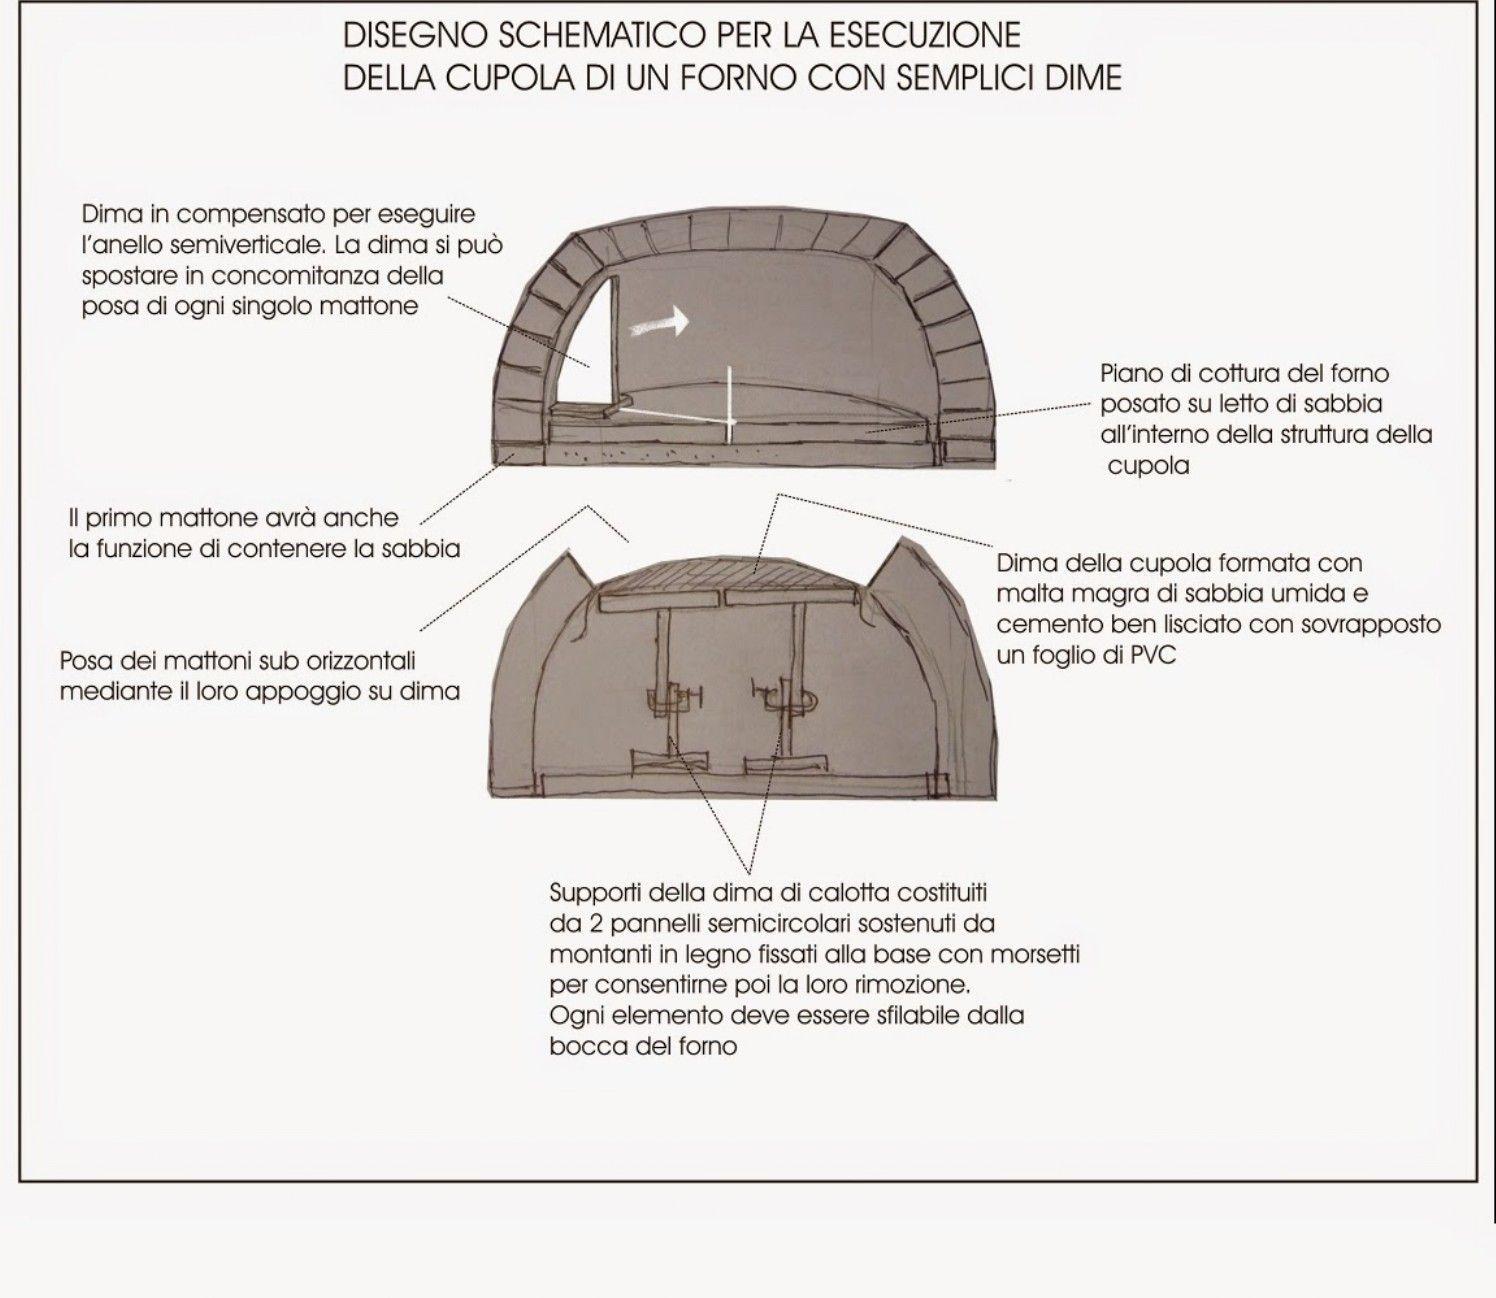 Forno A Legna Immagini cupola - forni a legna-come costruirli (con immagini